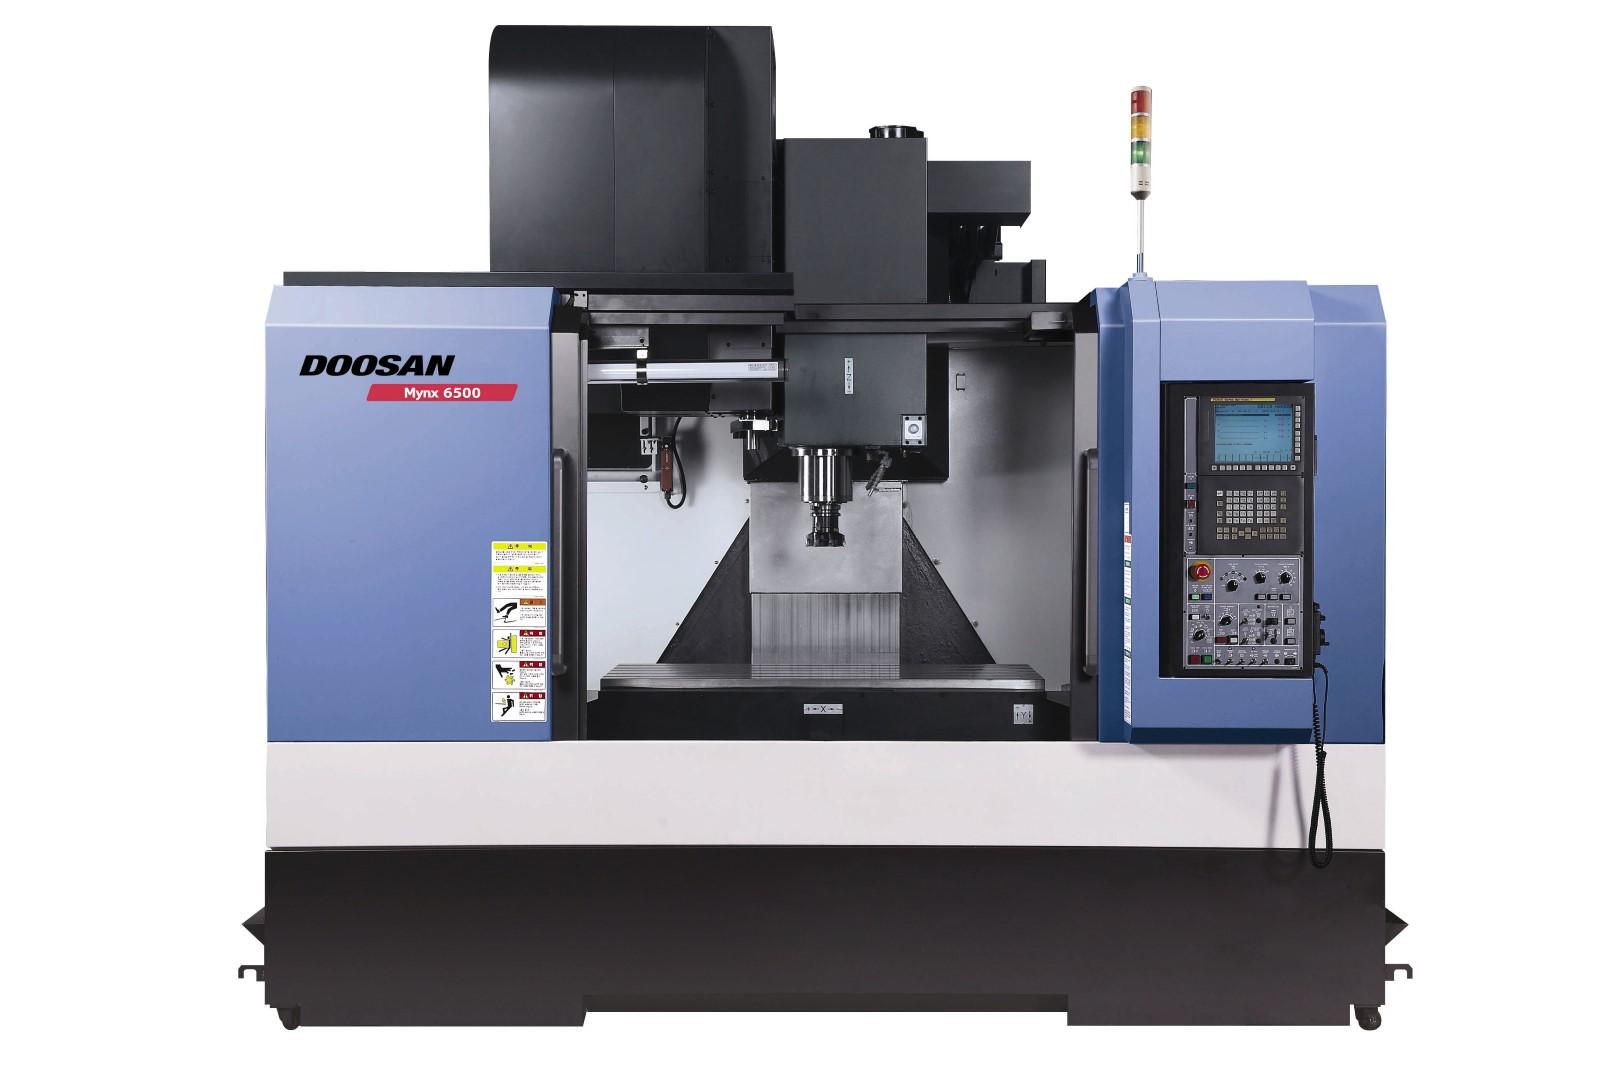 Doosan Mynx 6500, 6500/50